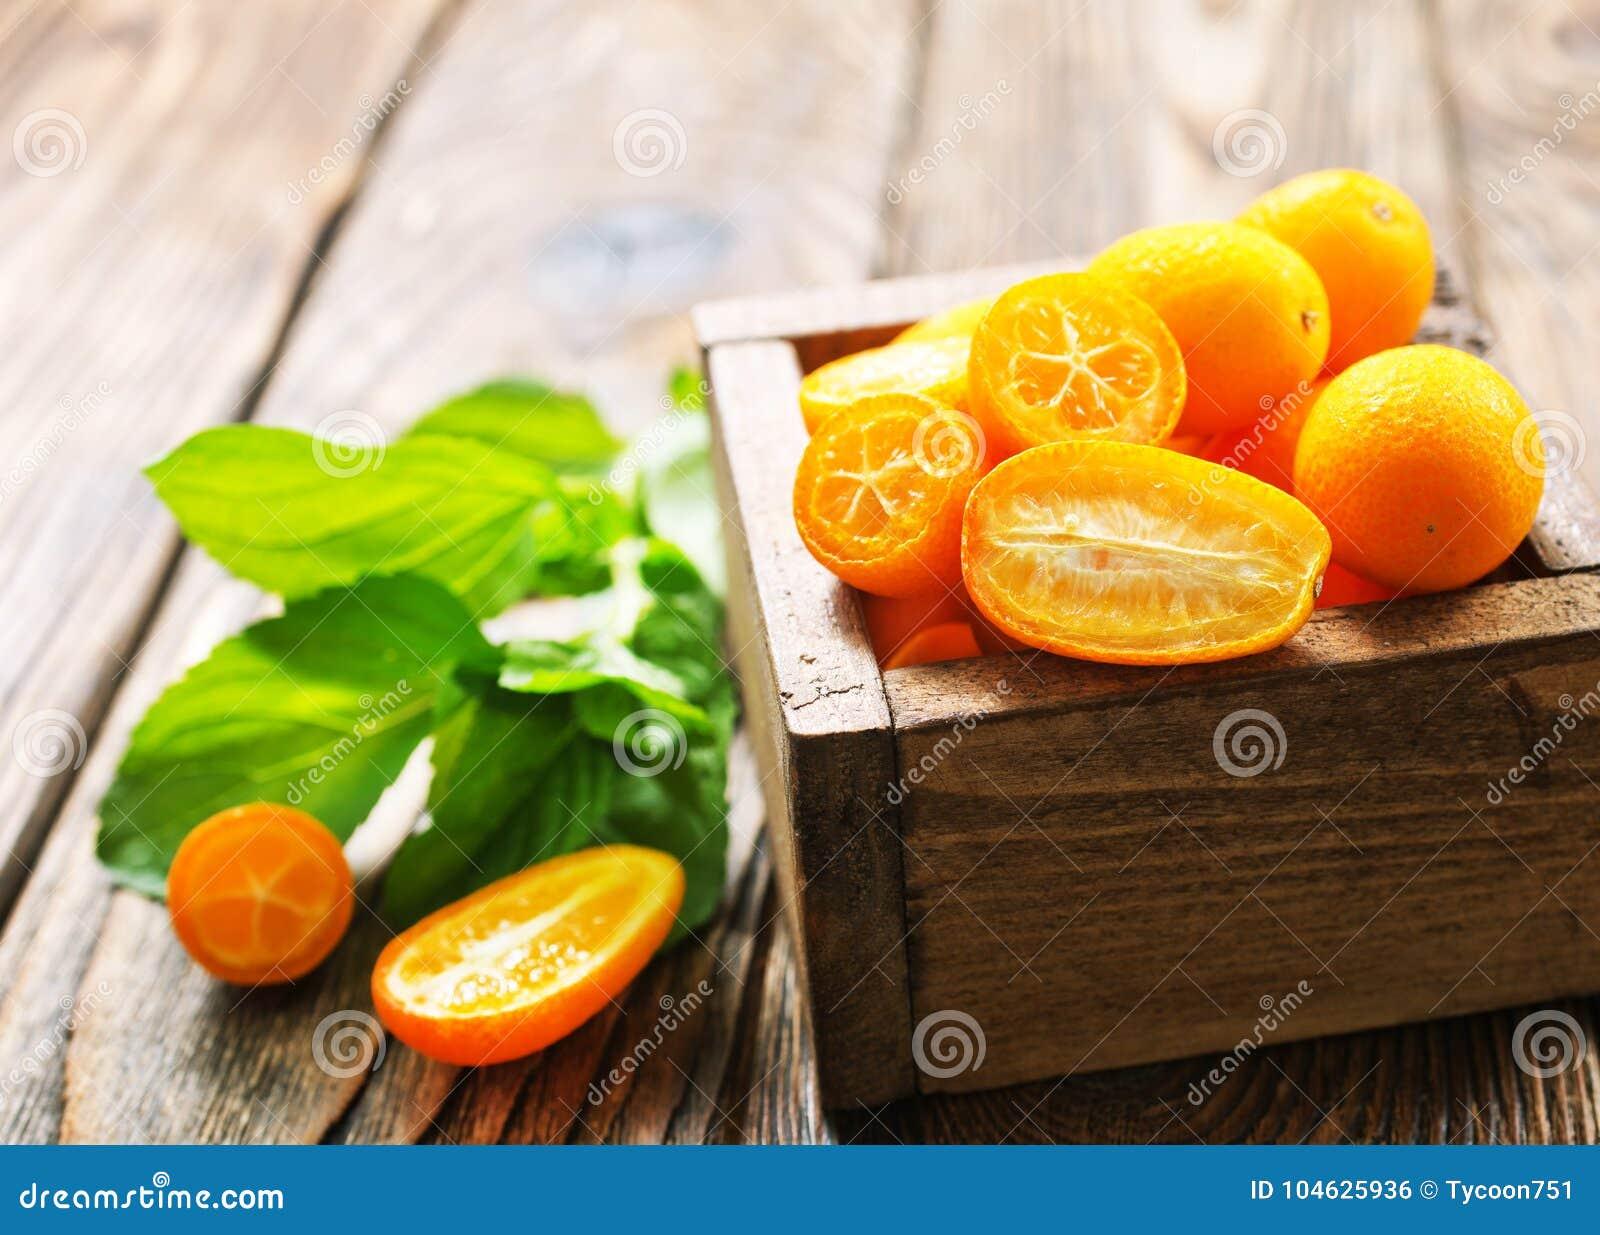 Download Kumquat stock foto. Afbeelding bestaande uit vruchten - 104625936